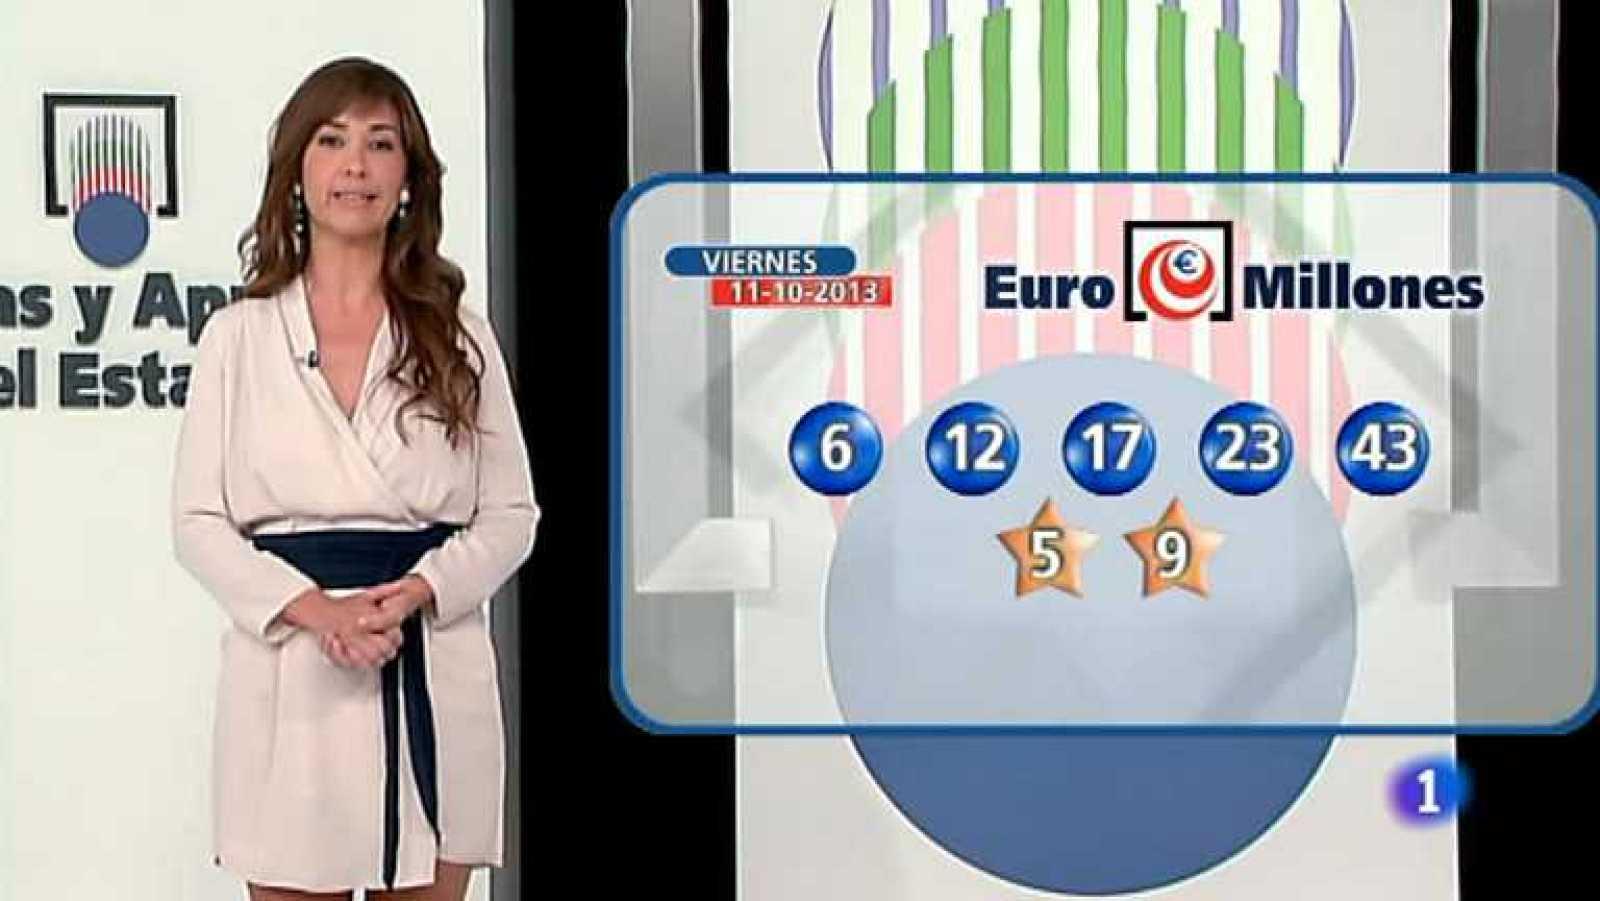 Bonoloto + Euromillones - 11/10/13- Ver ahora